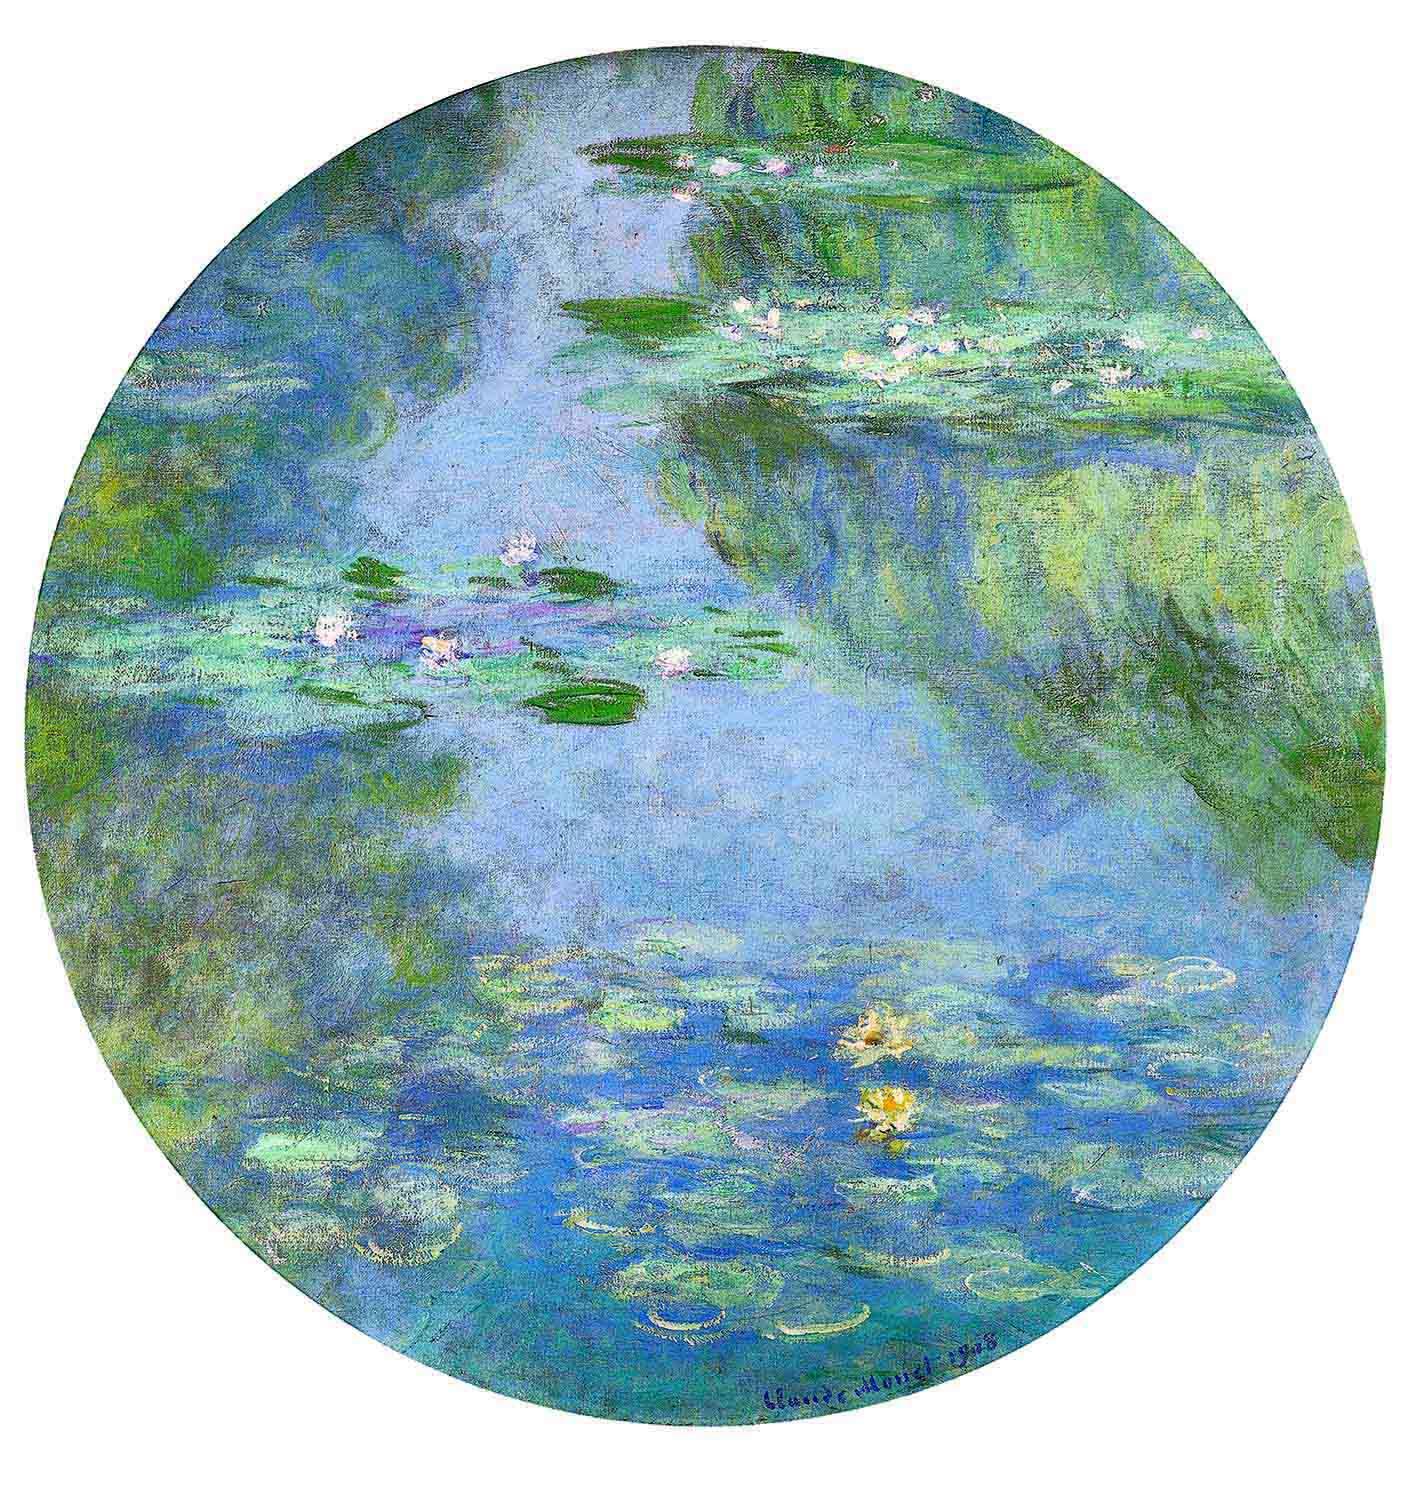 16 Claude Monet, Ninfee, 1908 – La sottile linea d'ombra